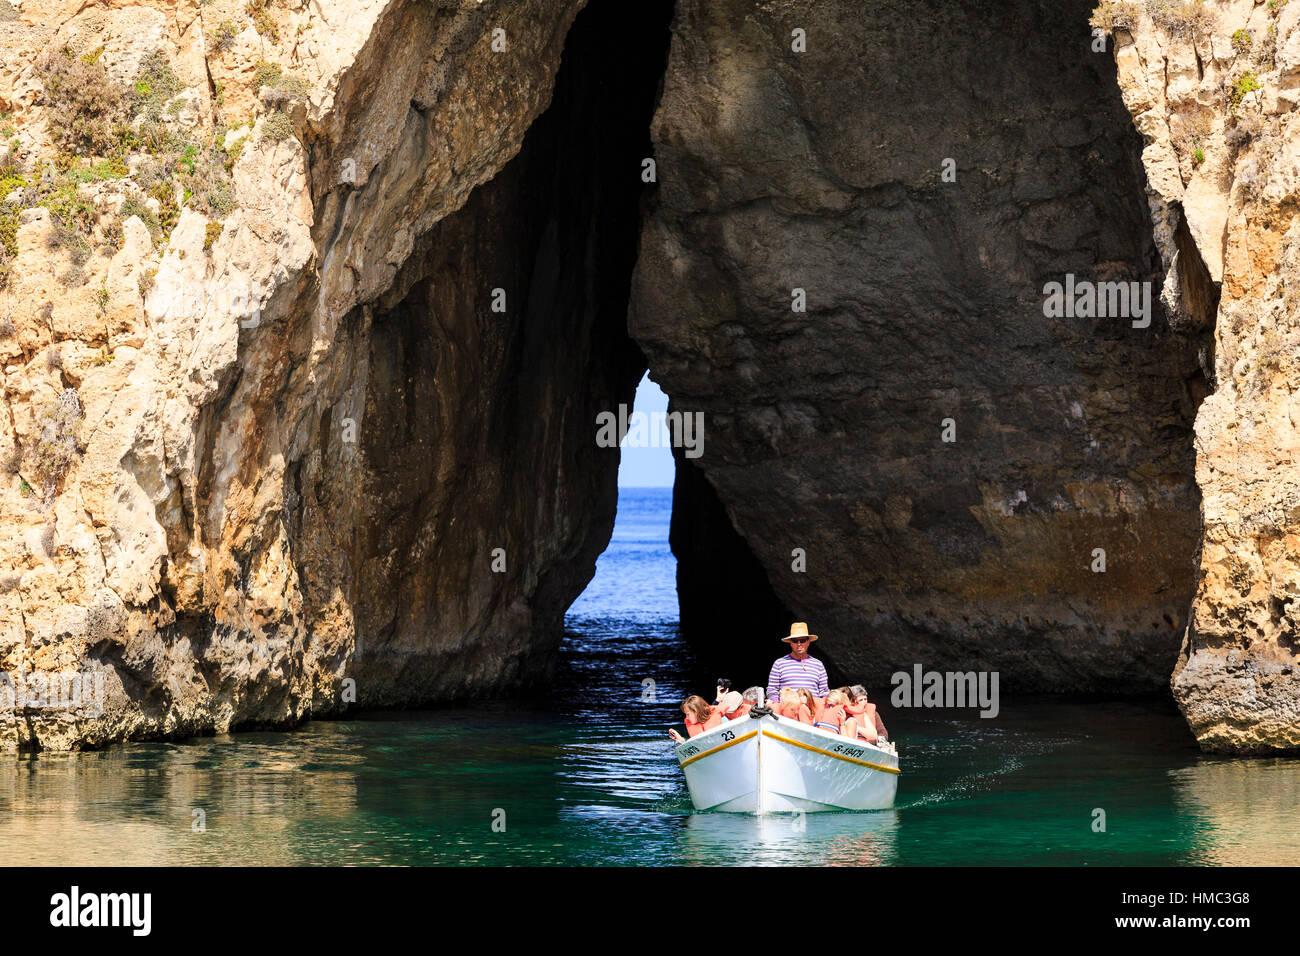 Ausflugsschiffe von der Binnenschifffahrt Lagune durch den Bogen in das azurblaue Fenster, Gozo, Malta Reisen Stockbild